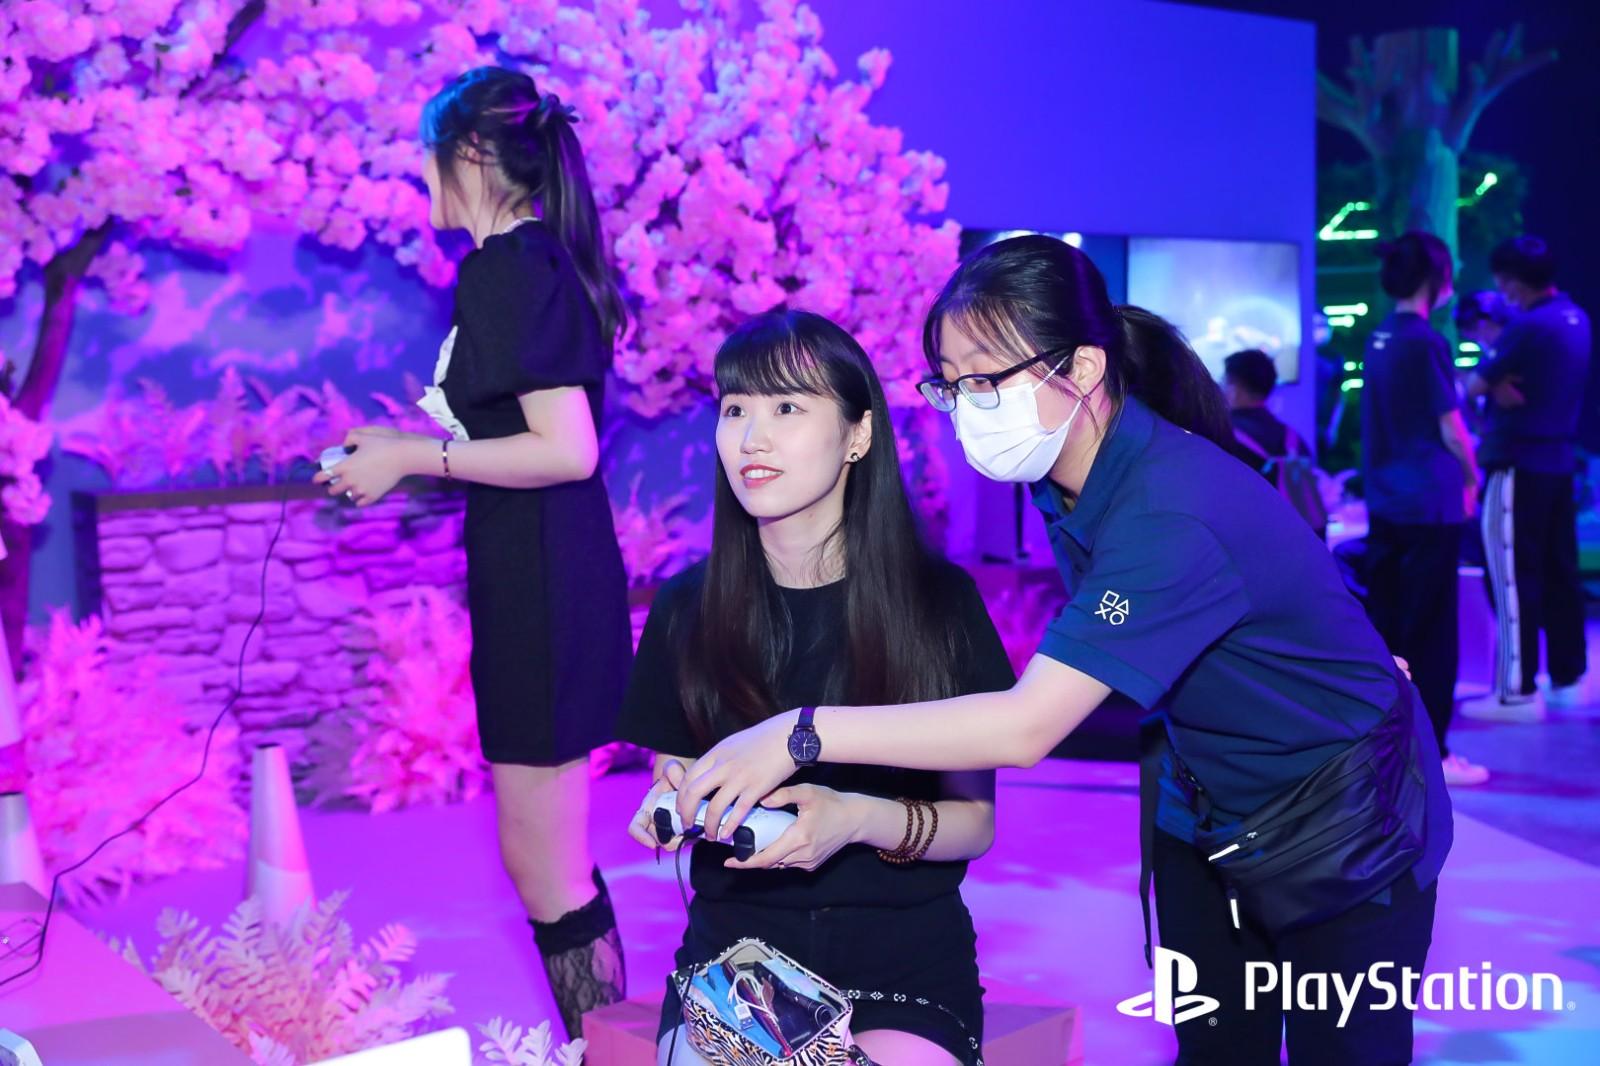 PS5国行今日开售:可以运行外服光盘游戏